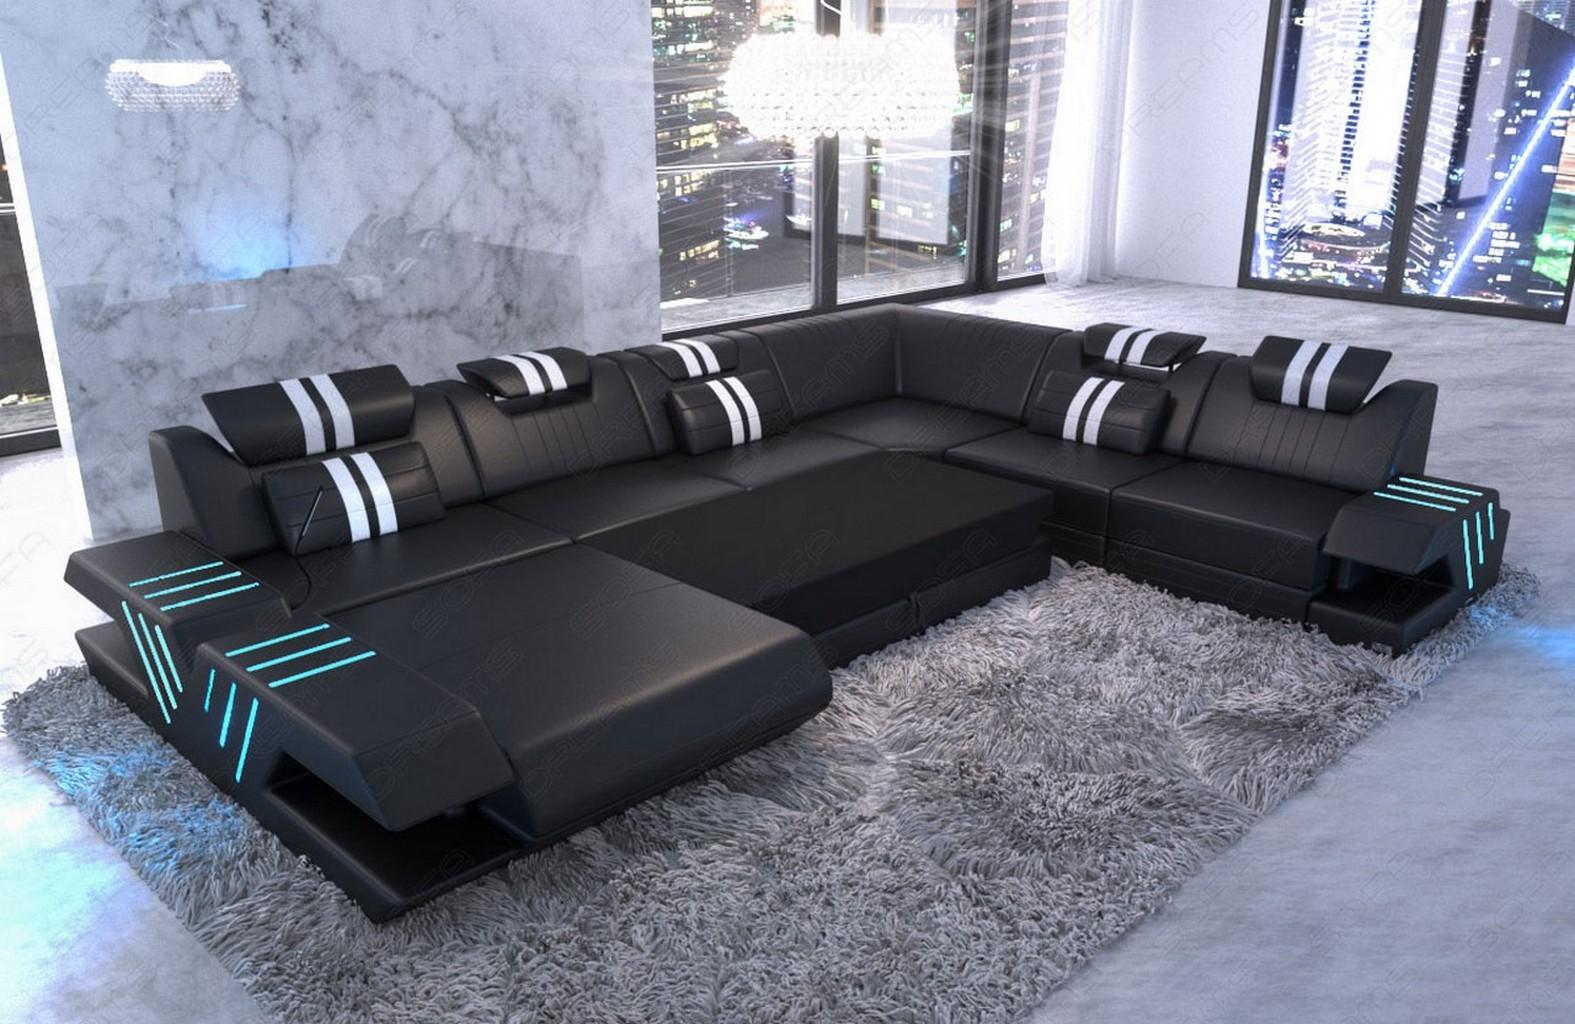 xxl wohnlandschaft luxus couch design echtleder sofa venedig recamiere led usb ebay. Black Bedroom Furniture Sets. Home Design Ideas